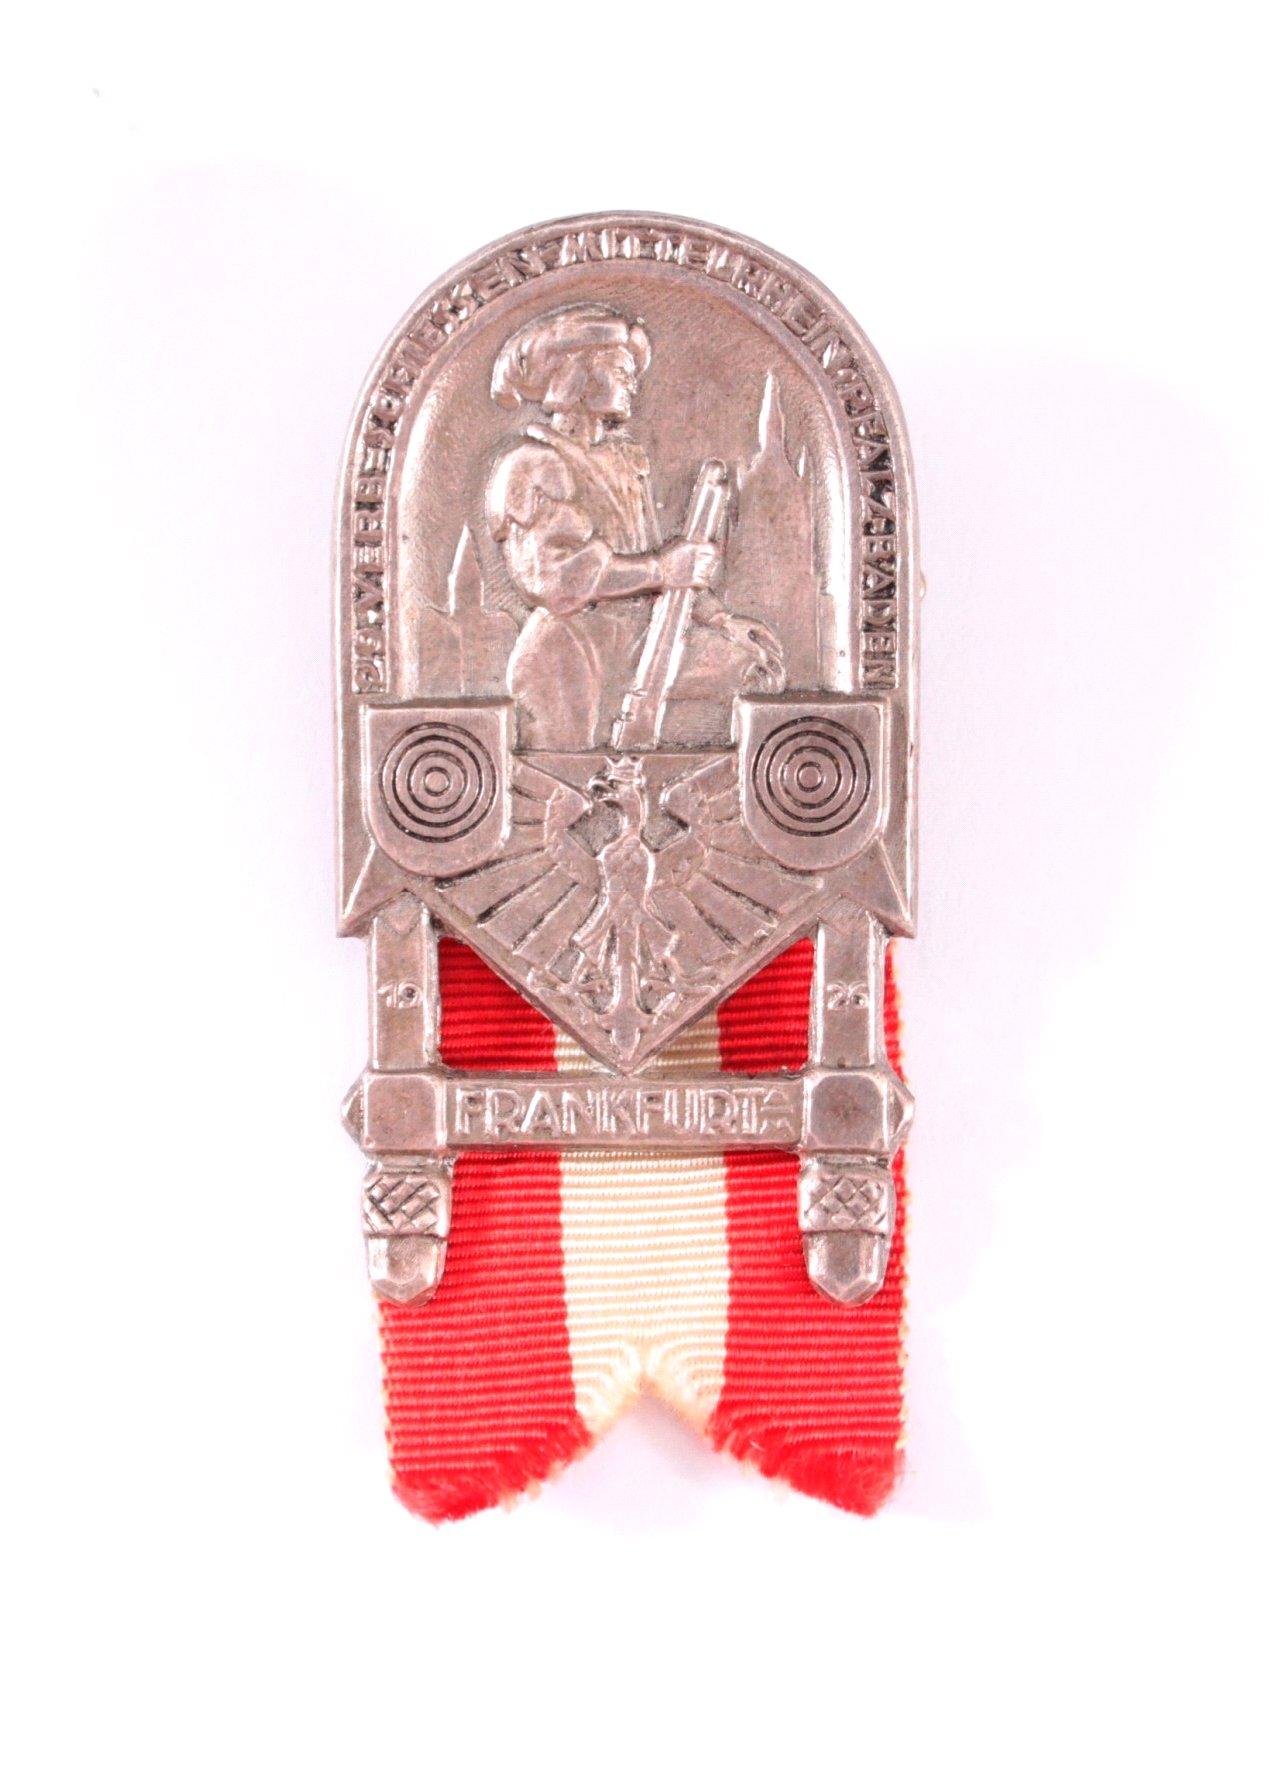 29. Bernads-Schiessen Mittelrhein-Pfalz-Baden, 1926